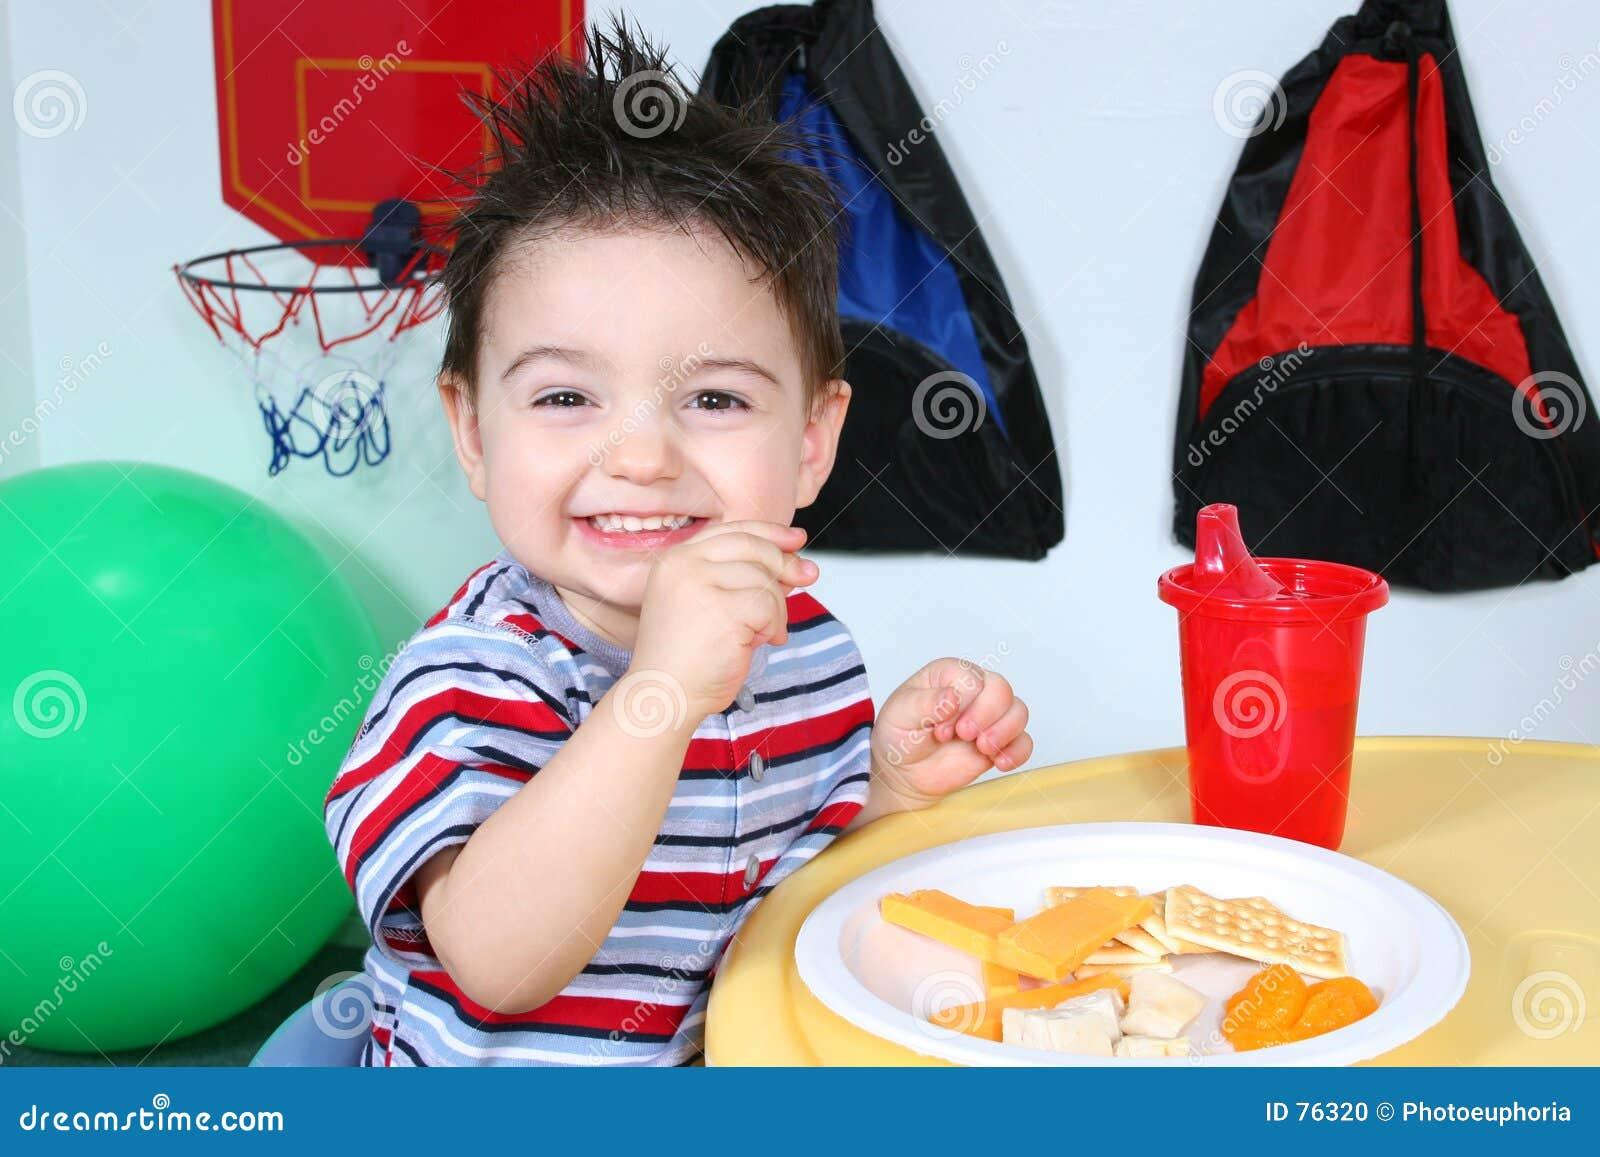 Élève du cours préparatoire adorable mangeant des casse-croûte